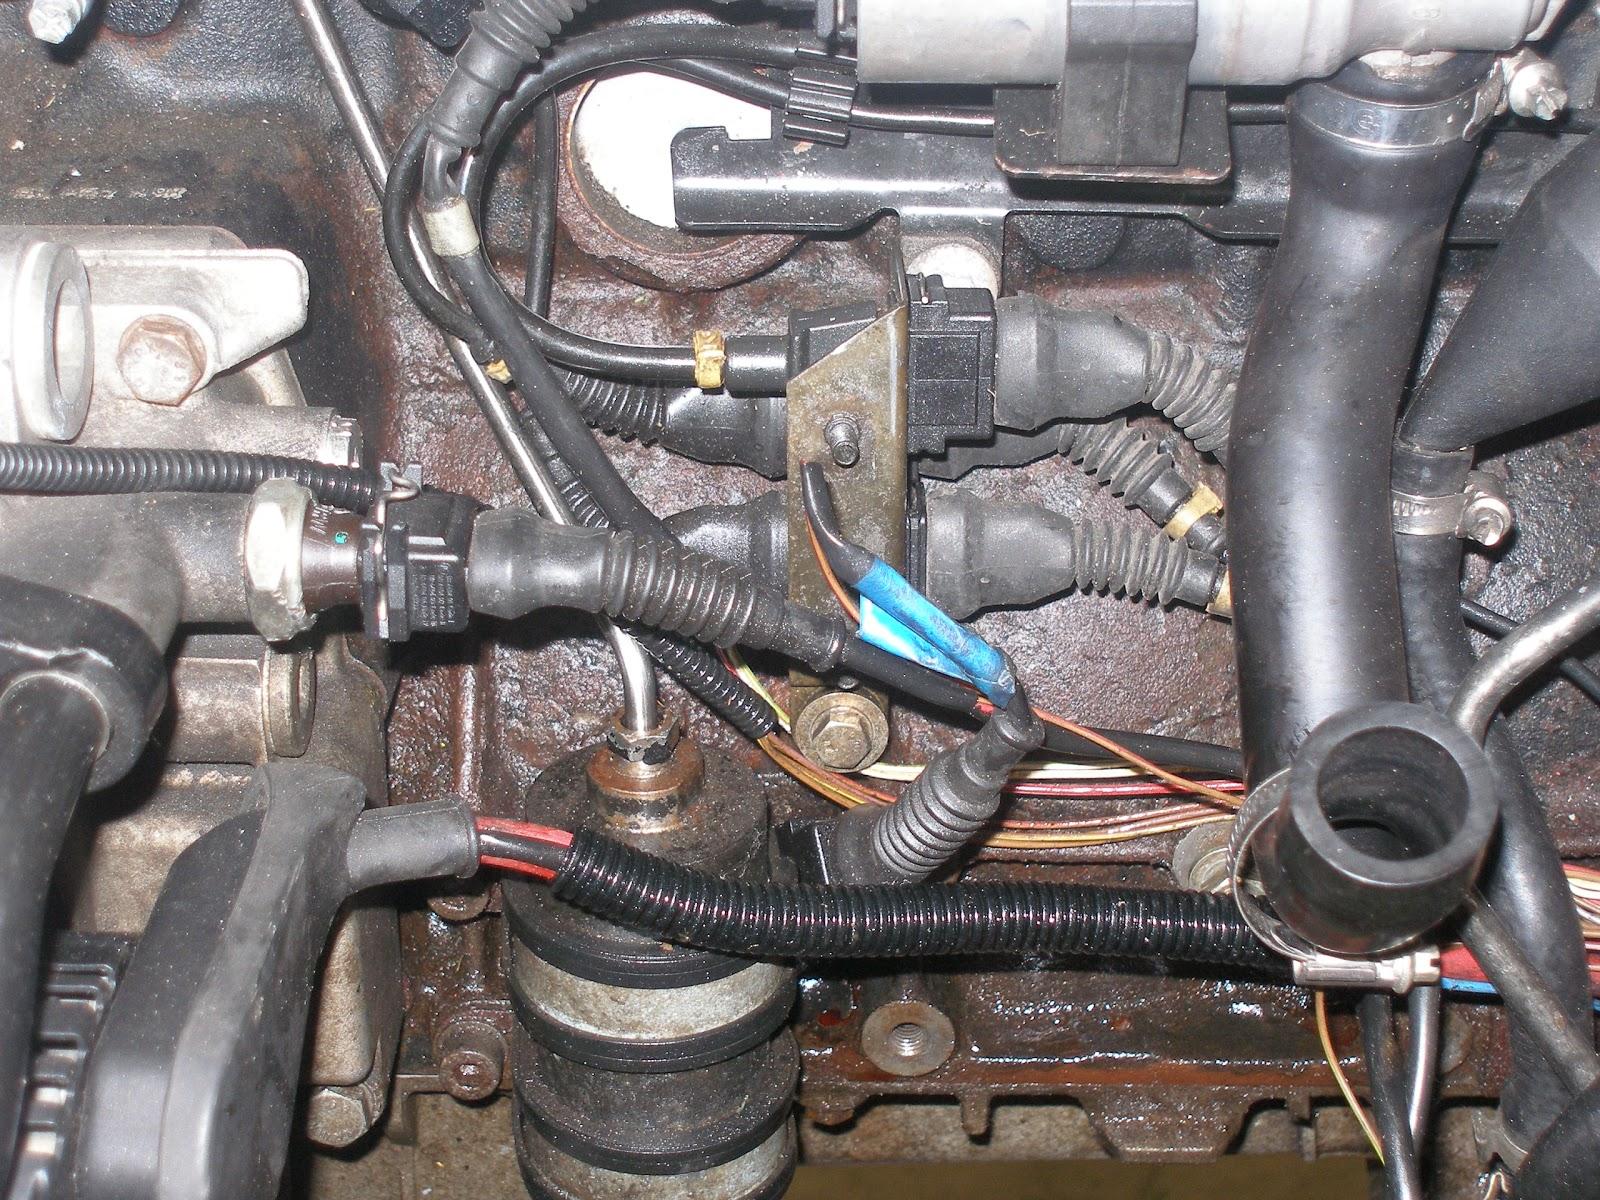 s50b32 motor swap 1979 bmw e21 baur s50b32 rh 1979bmwe21baur blogspot com E9 BMW Wiring Diagrams bmw s50 wiring diagram